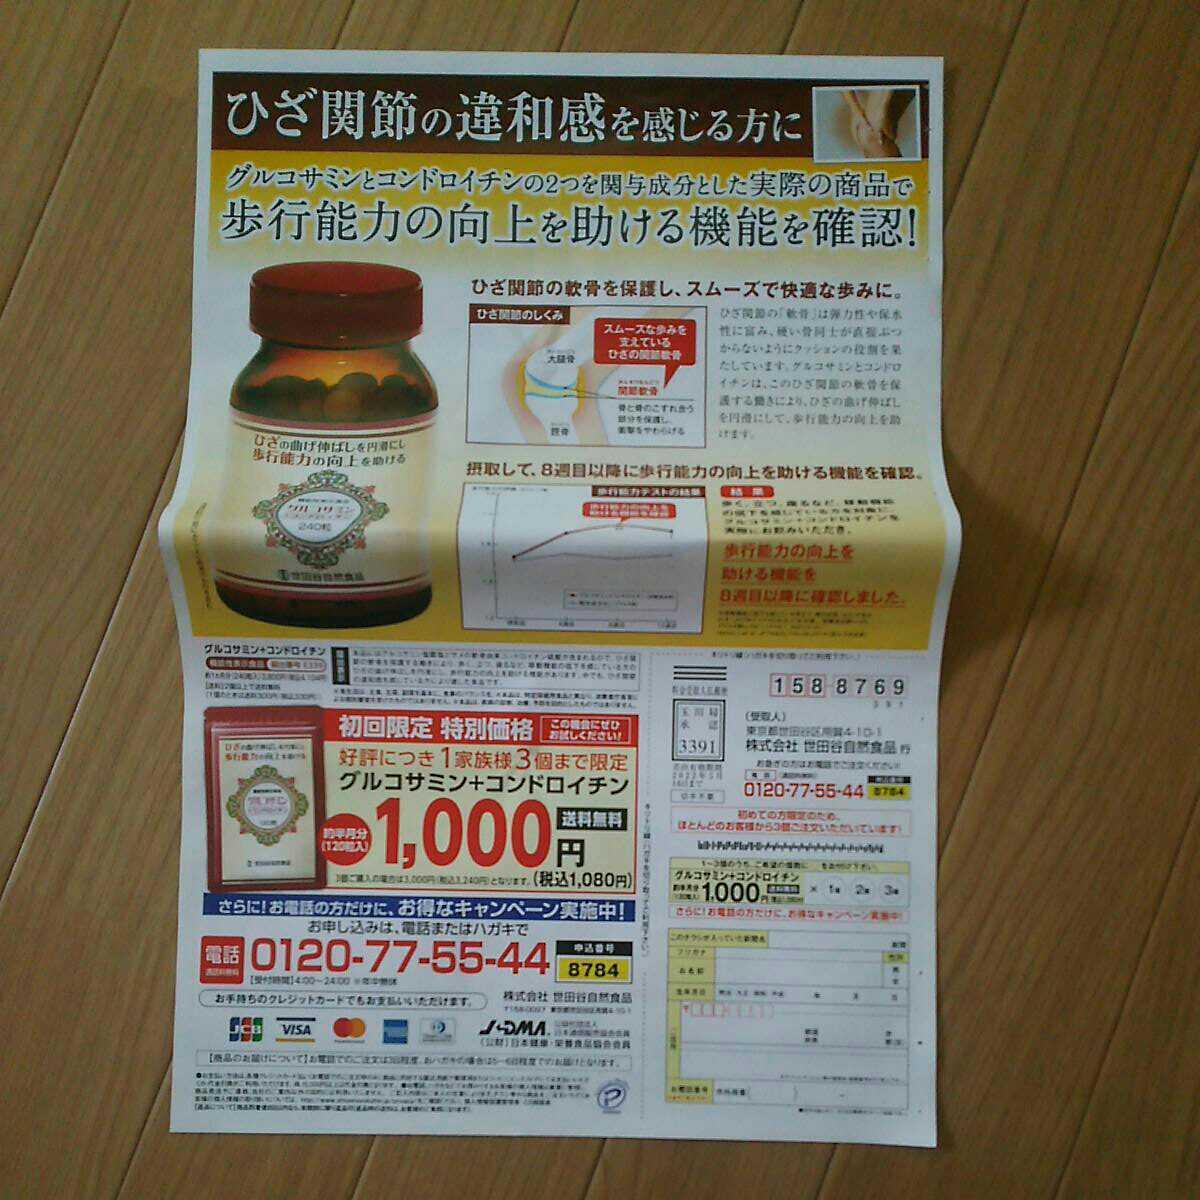 世田谷自然食品 グルコサミン+コンドロイチン 初回限定 特別価格 キャンペーン広告紙 差出有効期限:2022.5/16迄_画像1